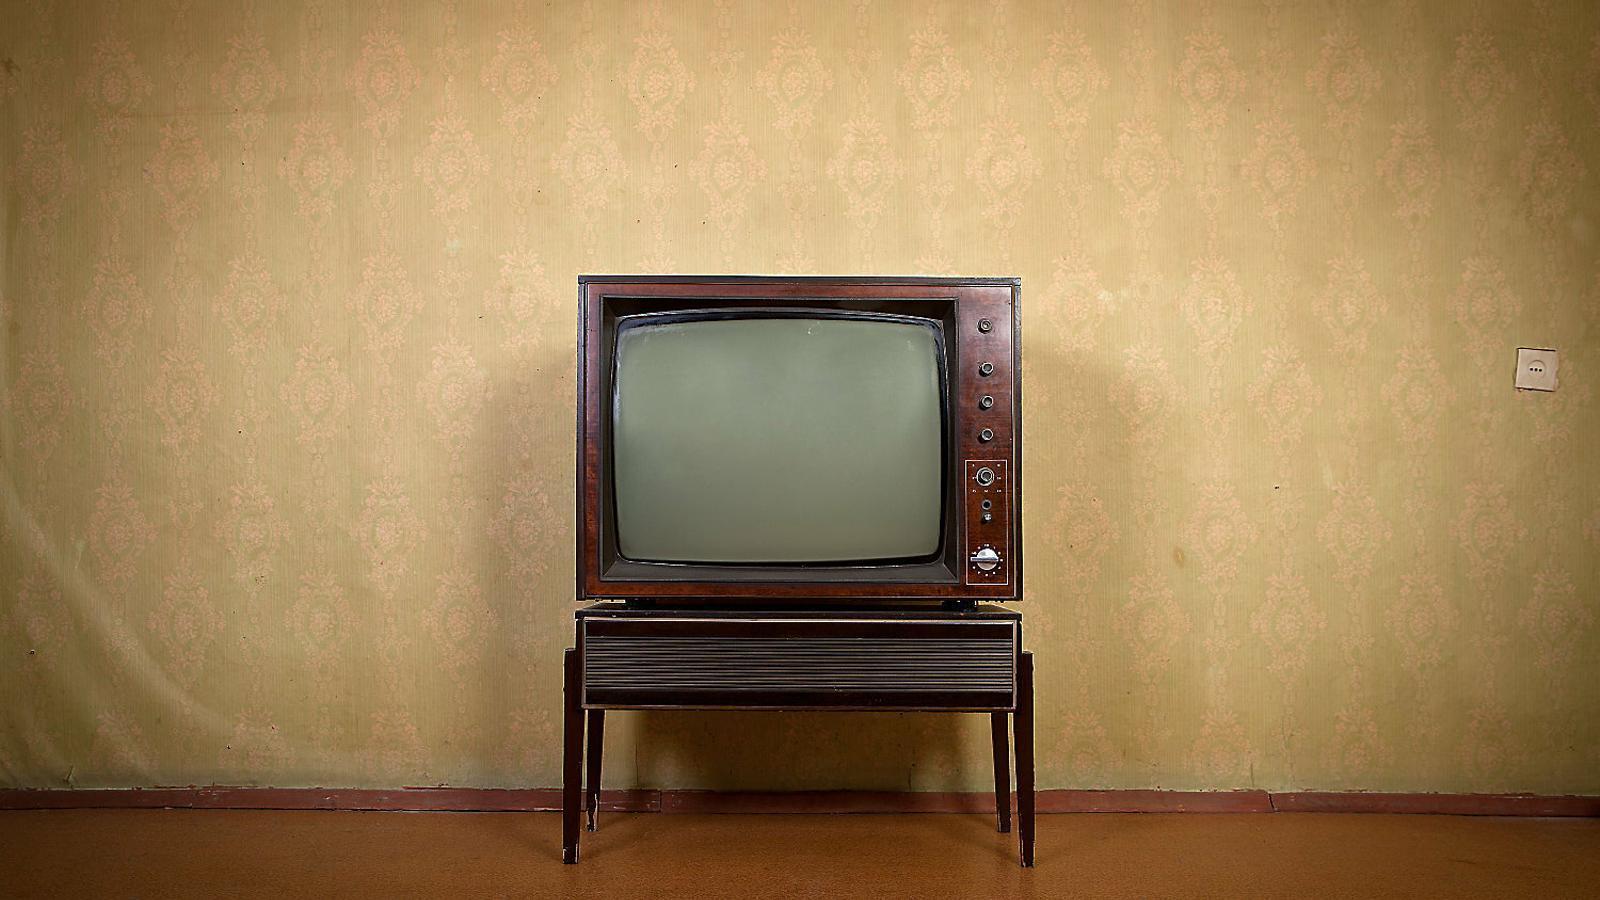 Al senyor Bonastre el que més li agradava era mirar la tele.